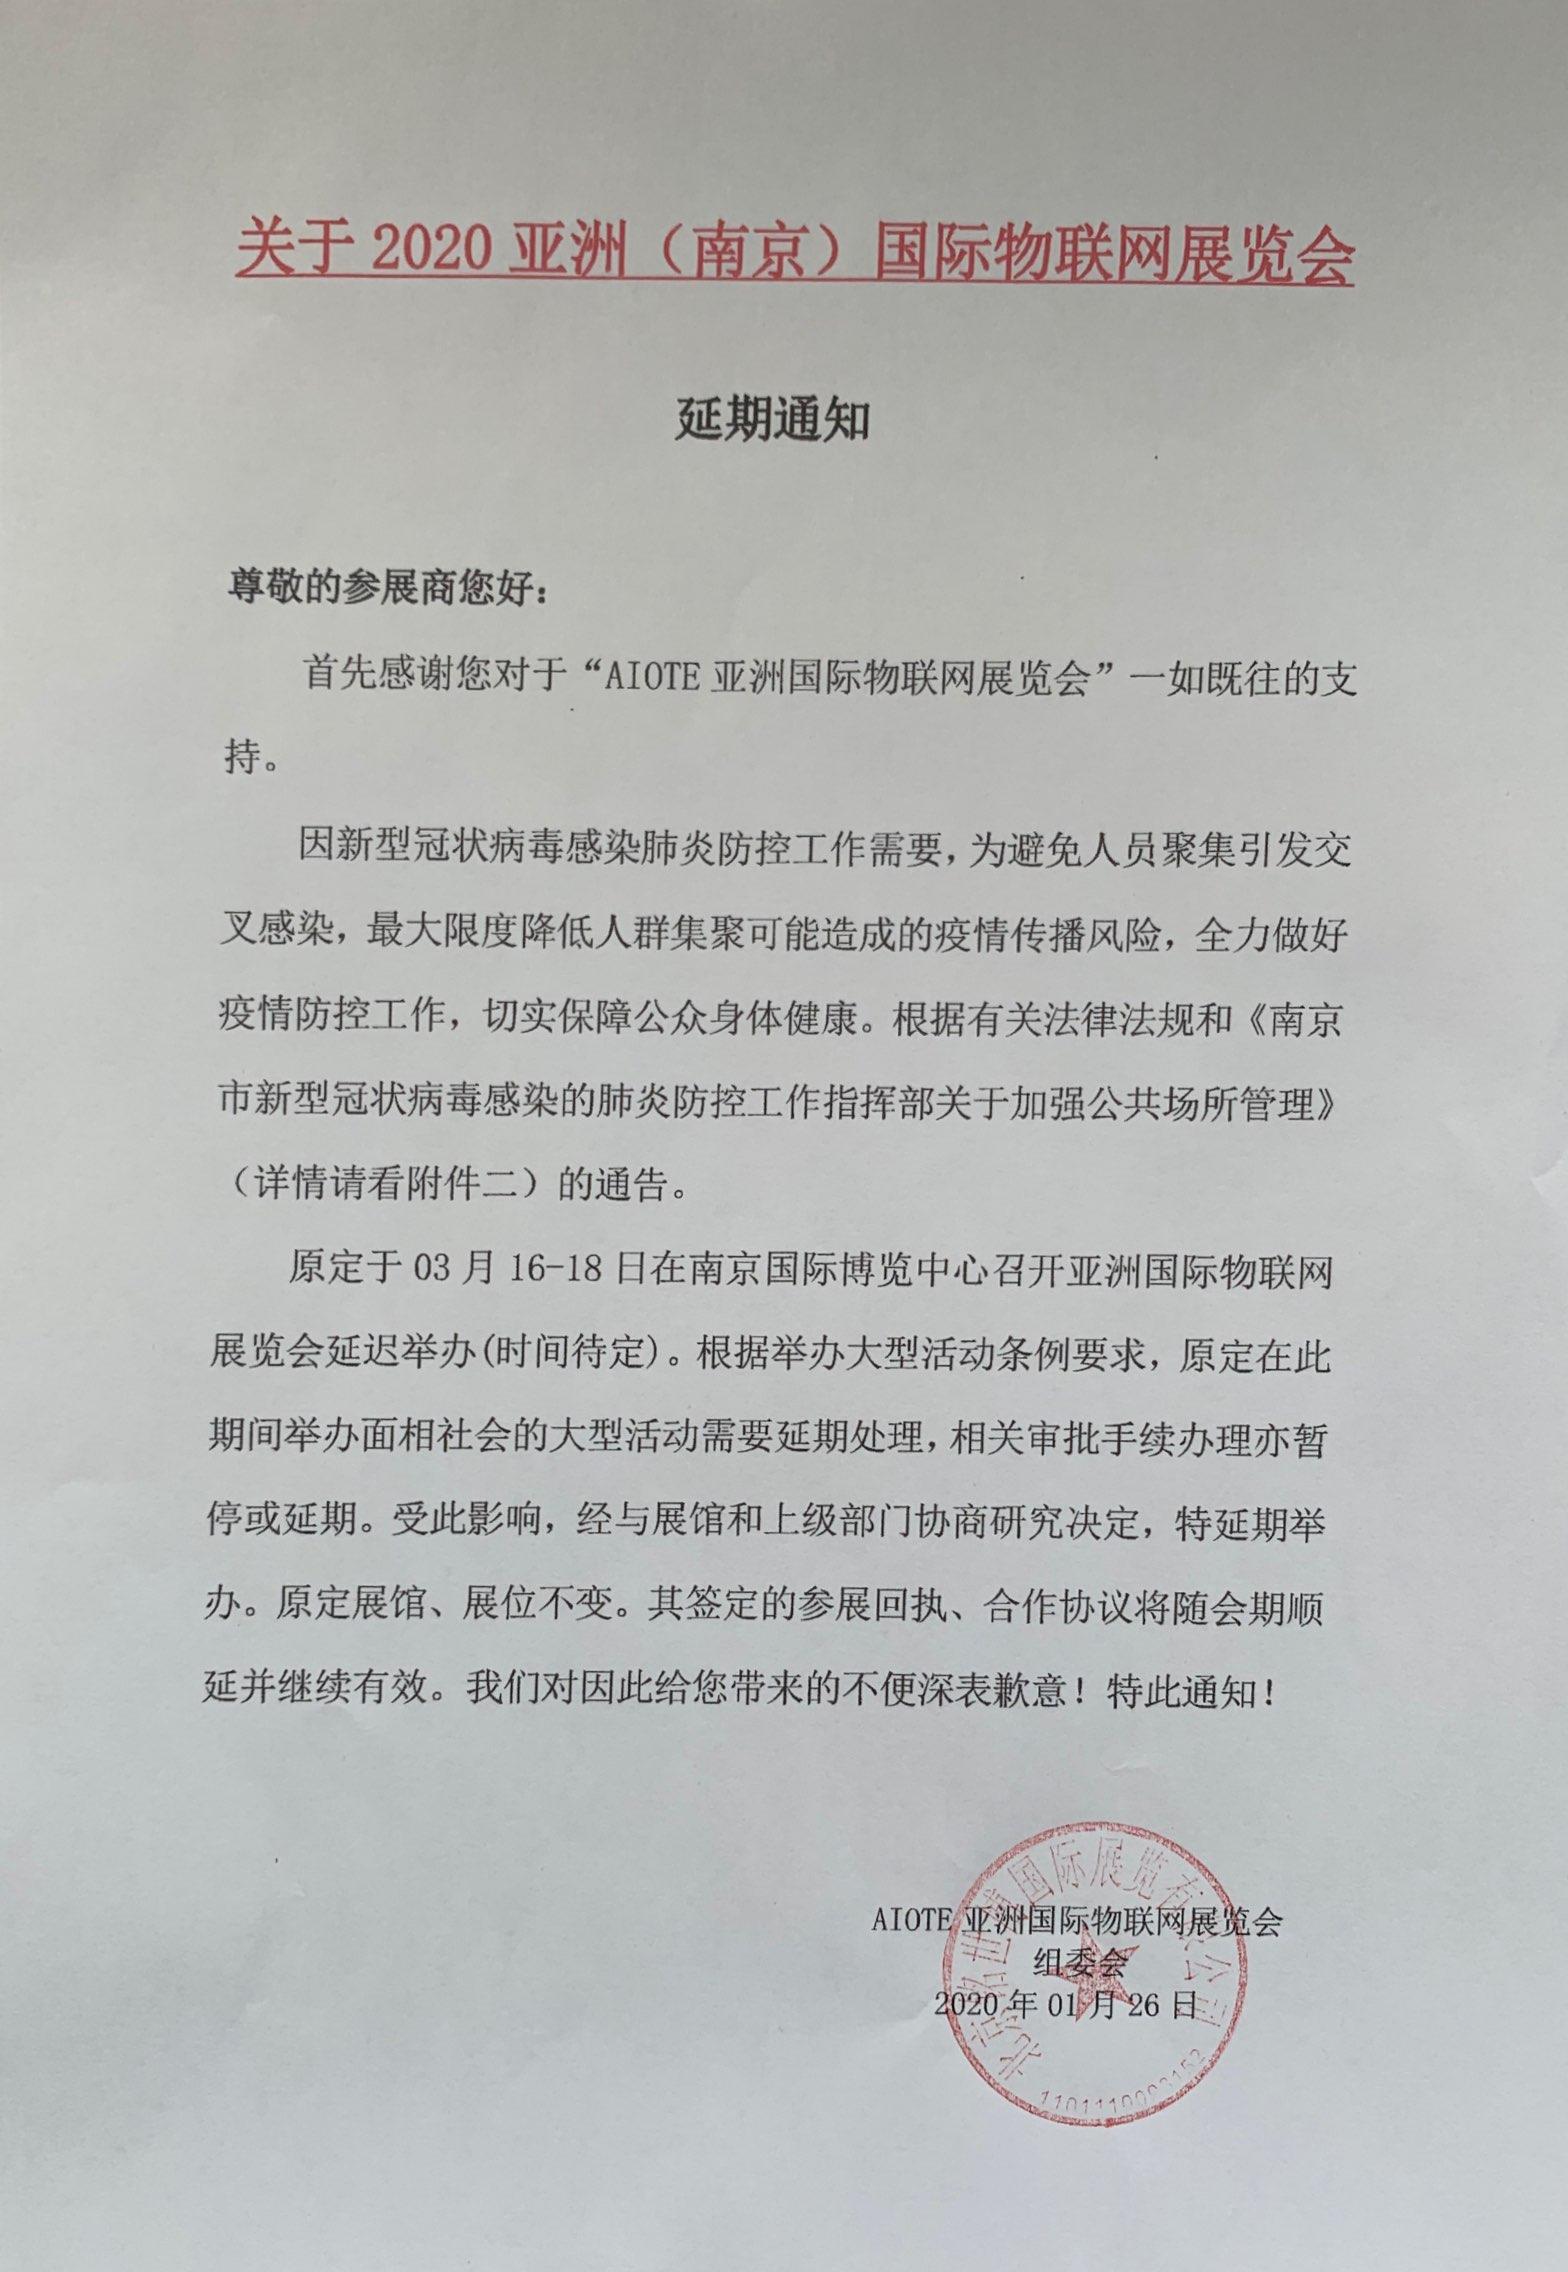 重要通知:关于延期举办第十三届(南京)国际物联网展览会